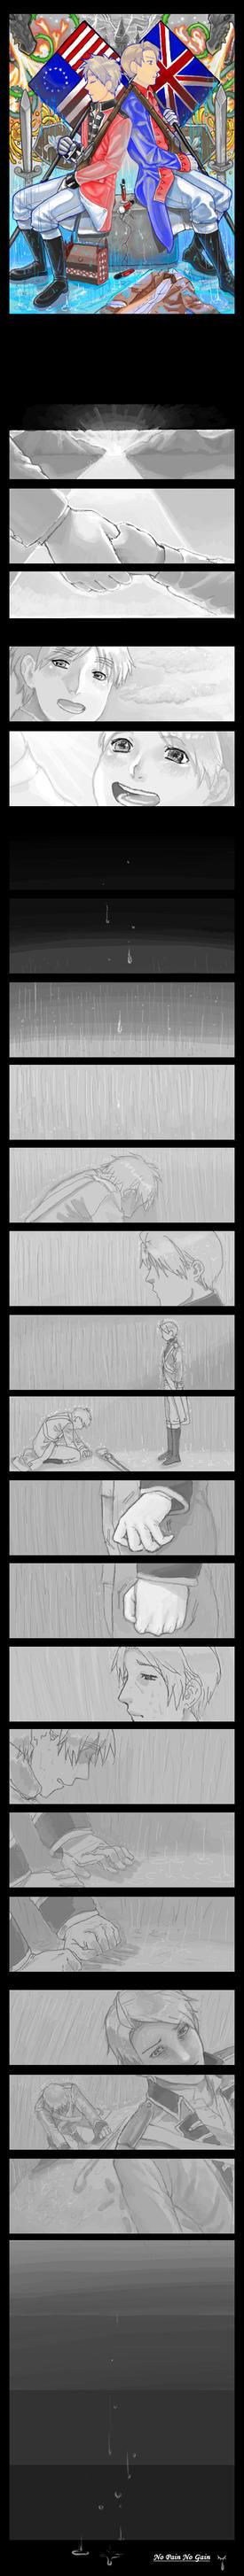 'No Pain No Gain' by Nana-Boshi